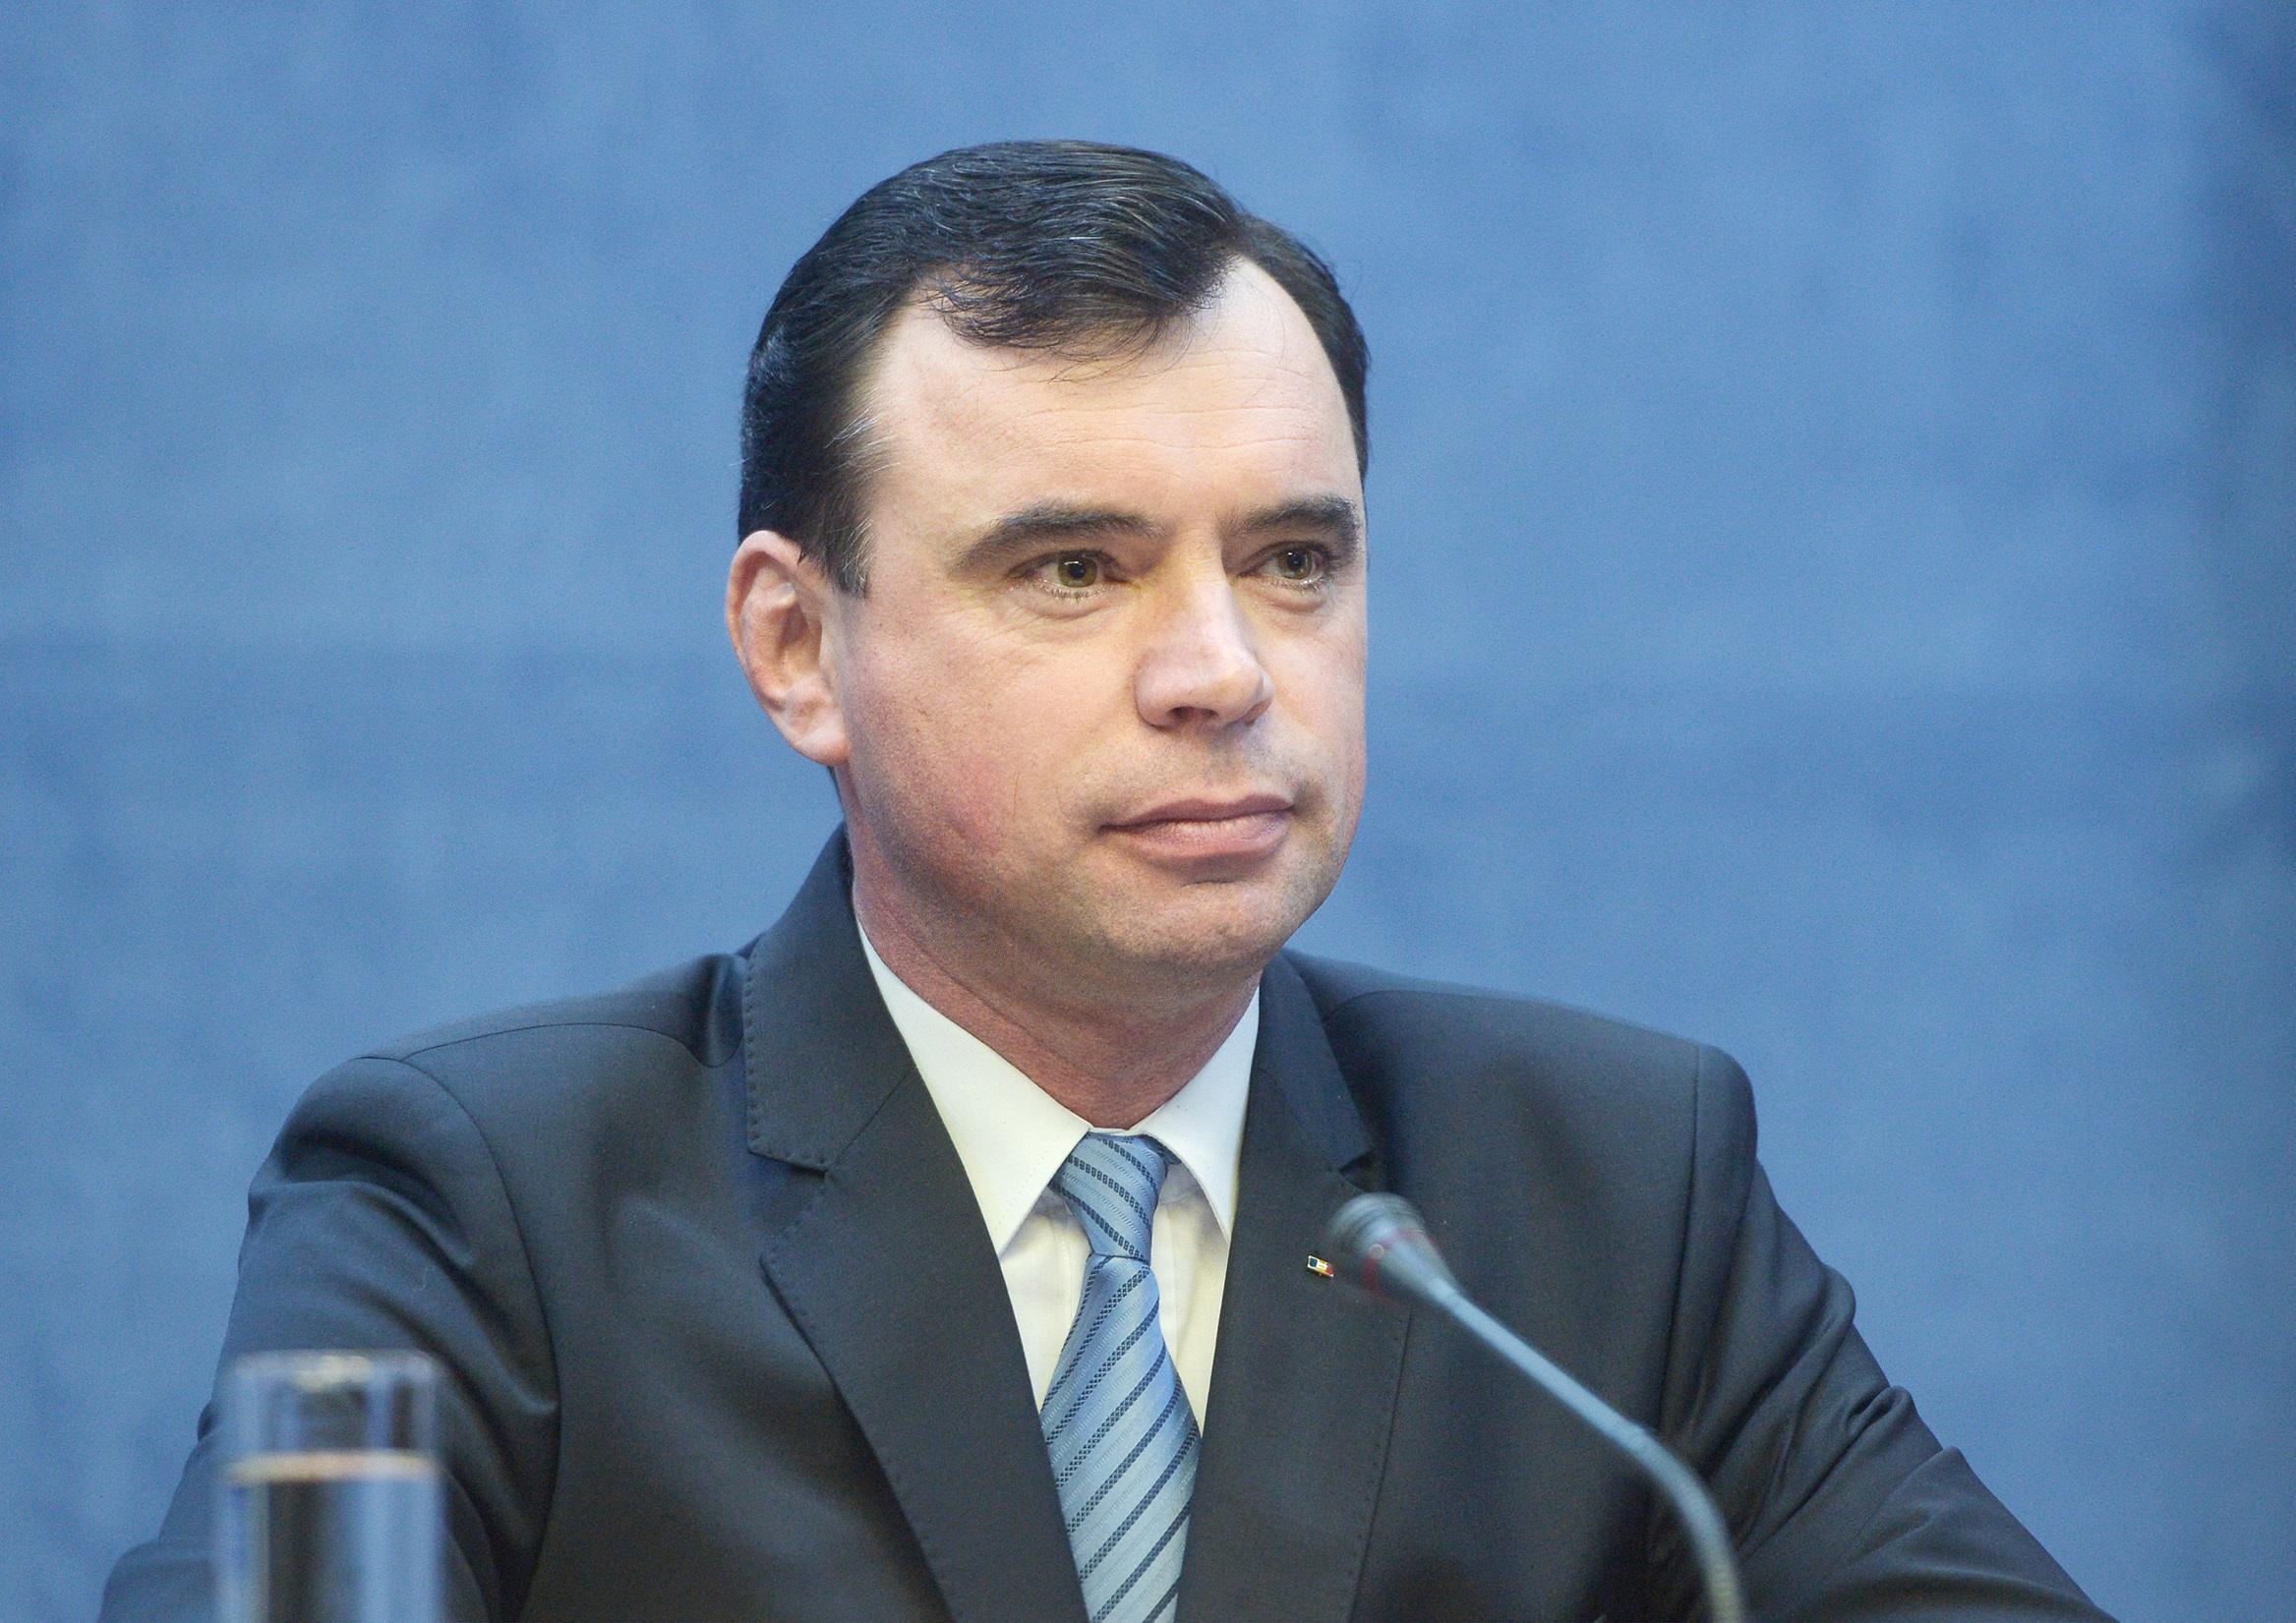 RAPORTUL solicitat în cazul poliţistului pedofil, prezentat premierului Tudose de Bogdan Despescu, şeful Poliţiei Române menţinut în funcţie